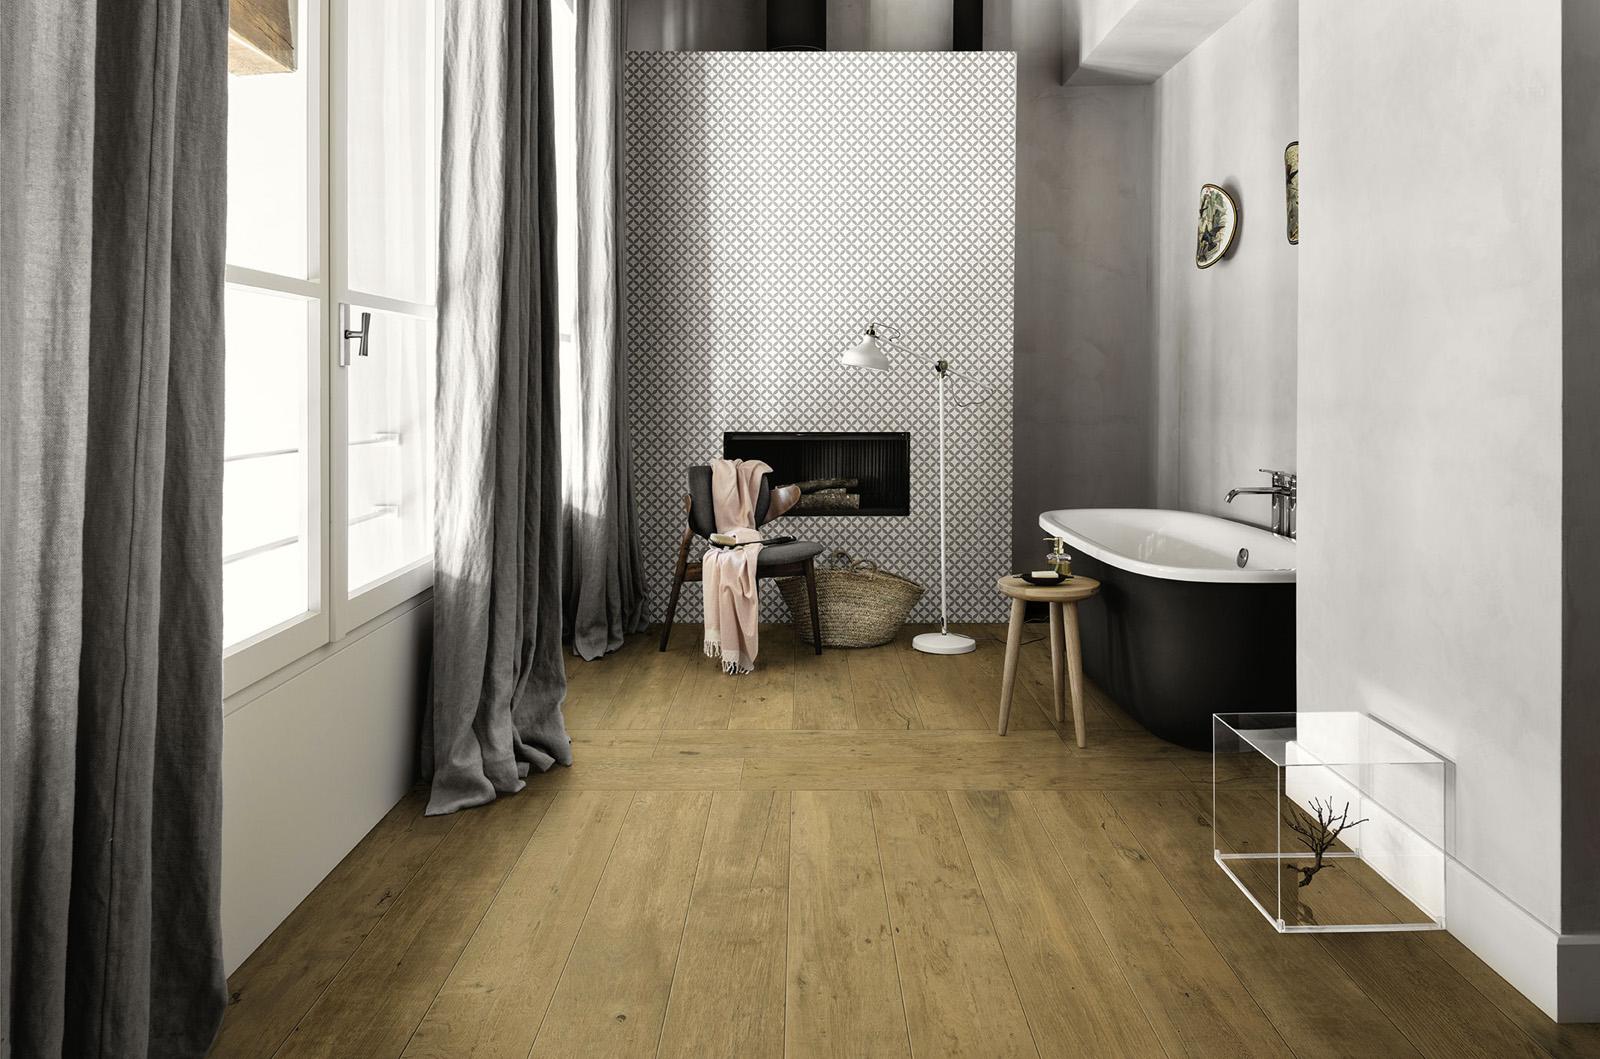 Bathroom Flooring: Ceramic And Porcelain Stoneware